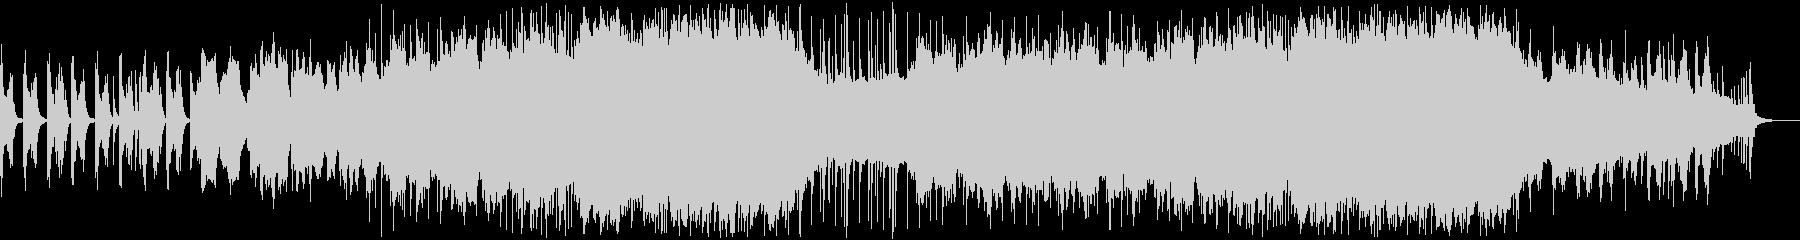 和楽器による和風BGM 4の未再生の波形